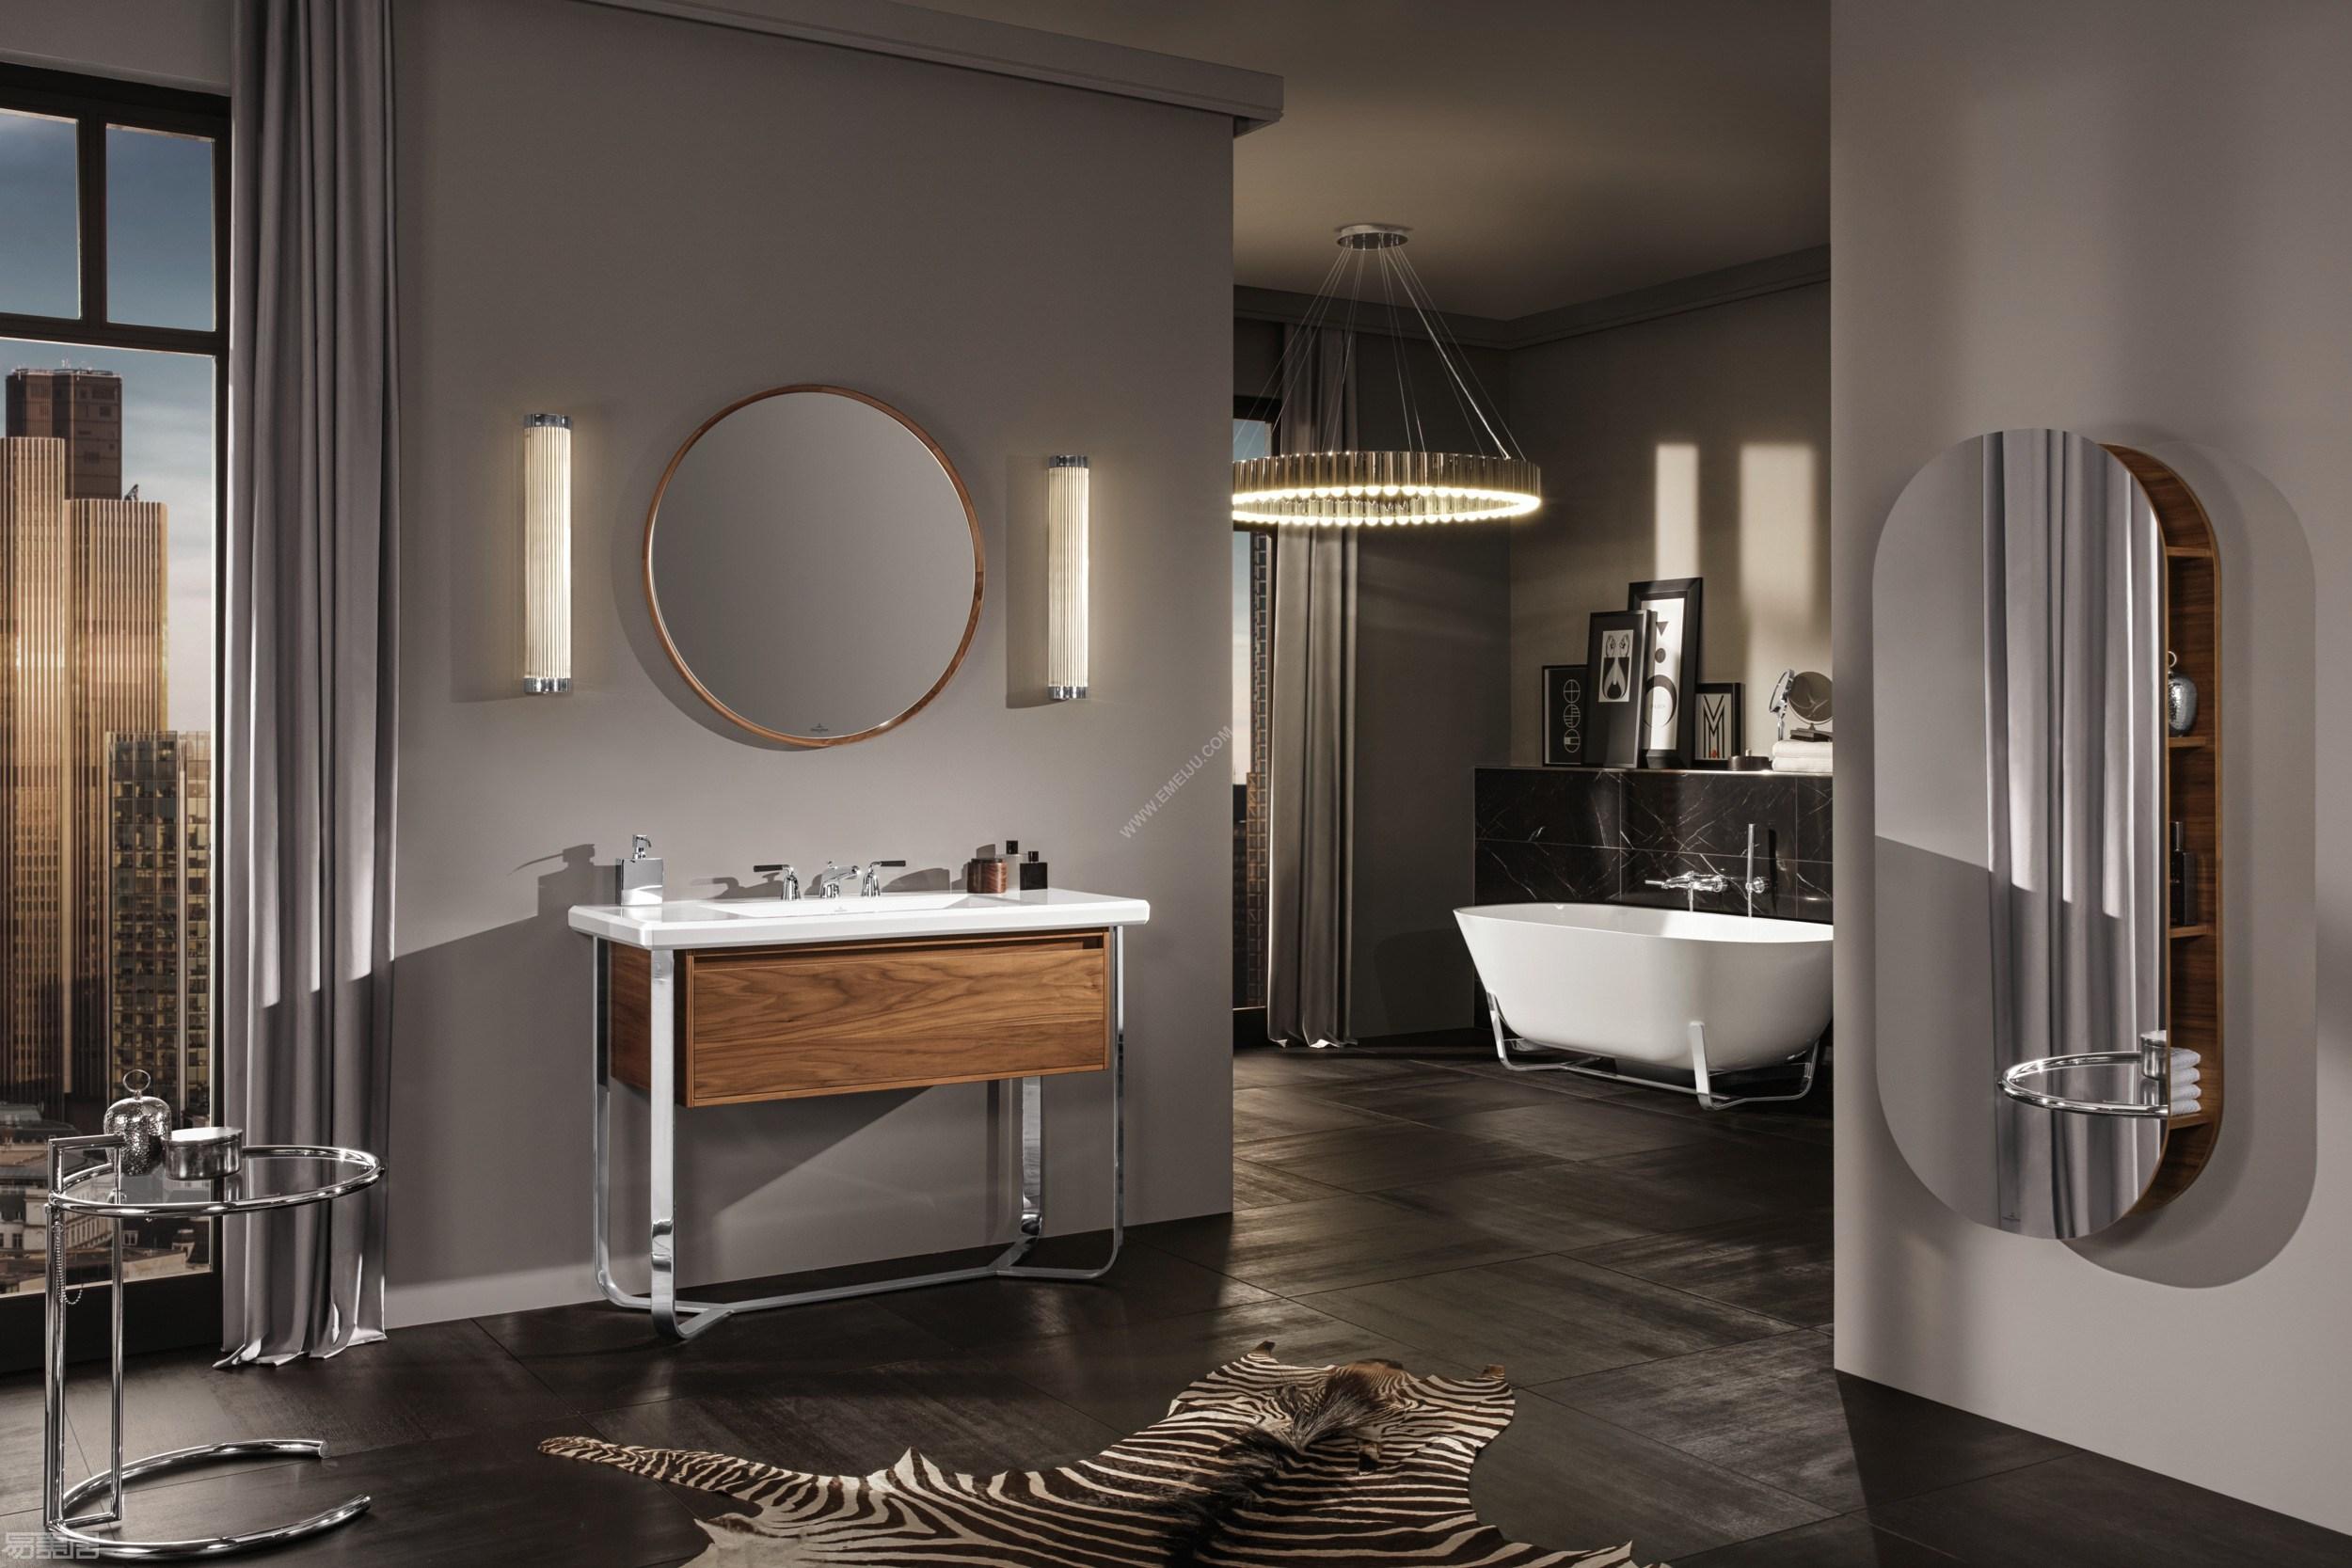 ANTHEUS-Quaryl-bathtub-Villeroy-Boch-332255-relf7fb7553.jpg